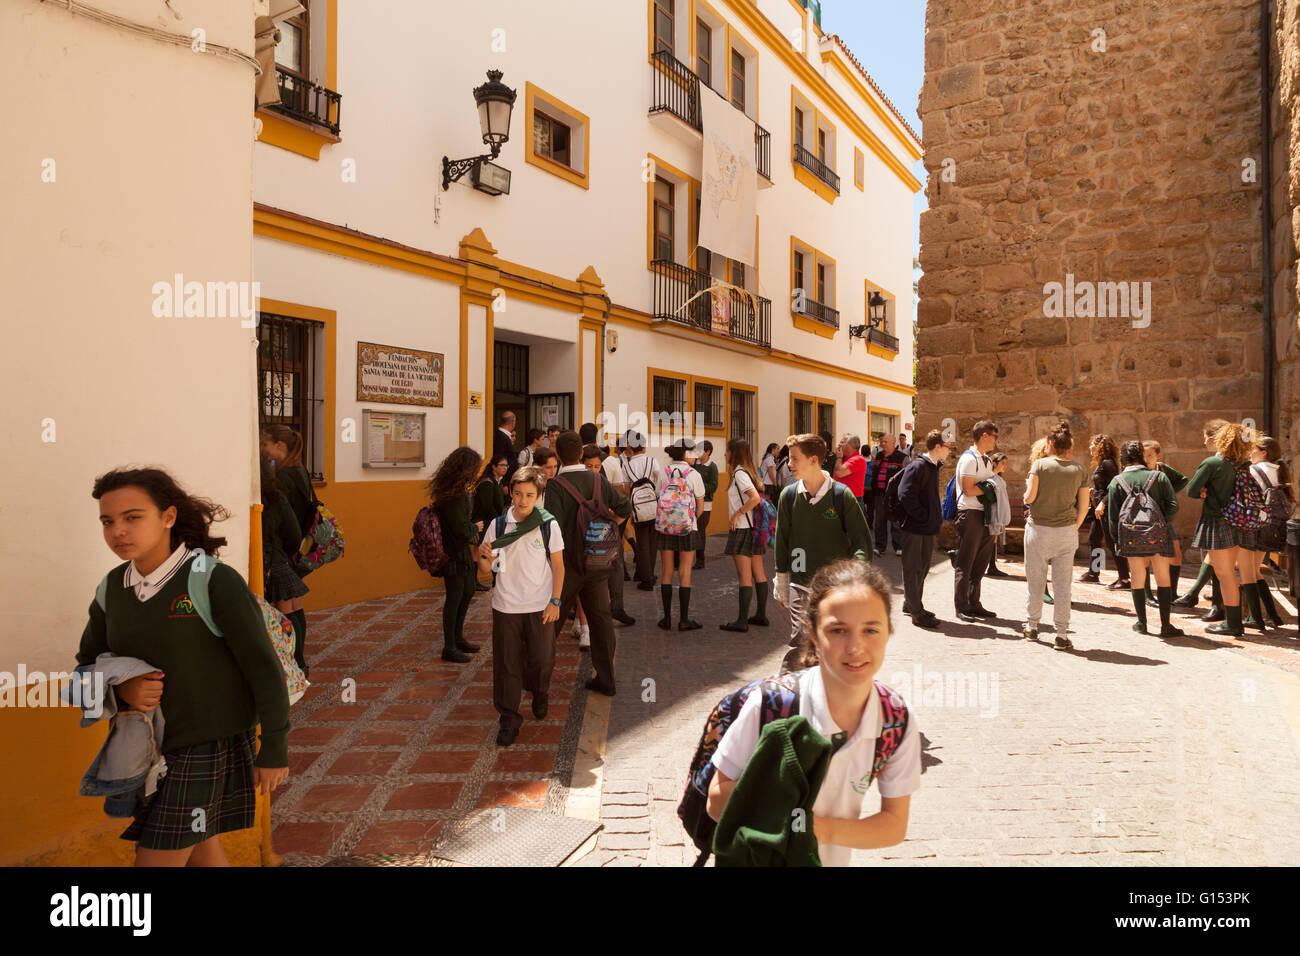 Escuela de español en Marbella, España, las niñas abandonan la escuela, Marbella, Andalucia, España Imagen De Stock